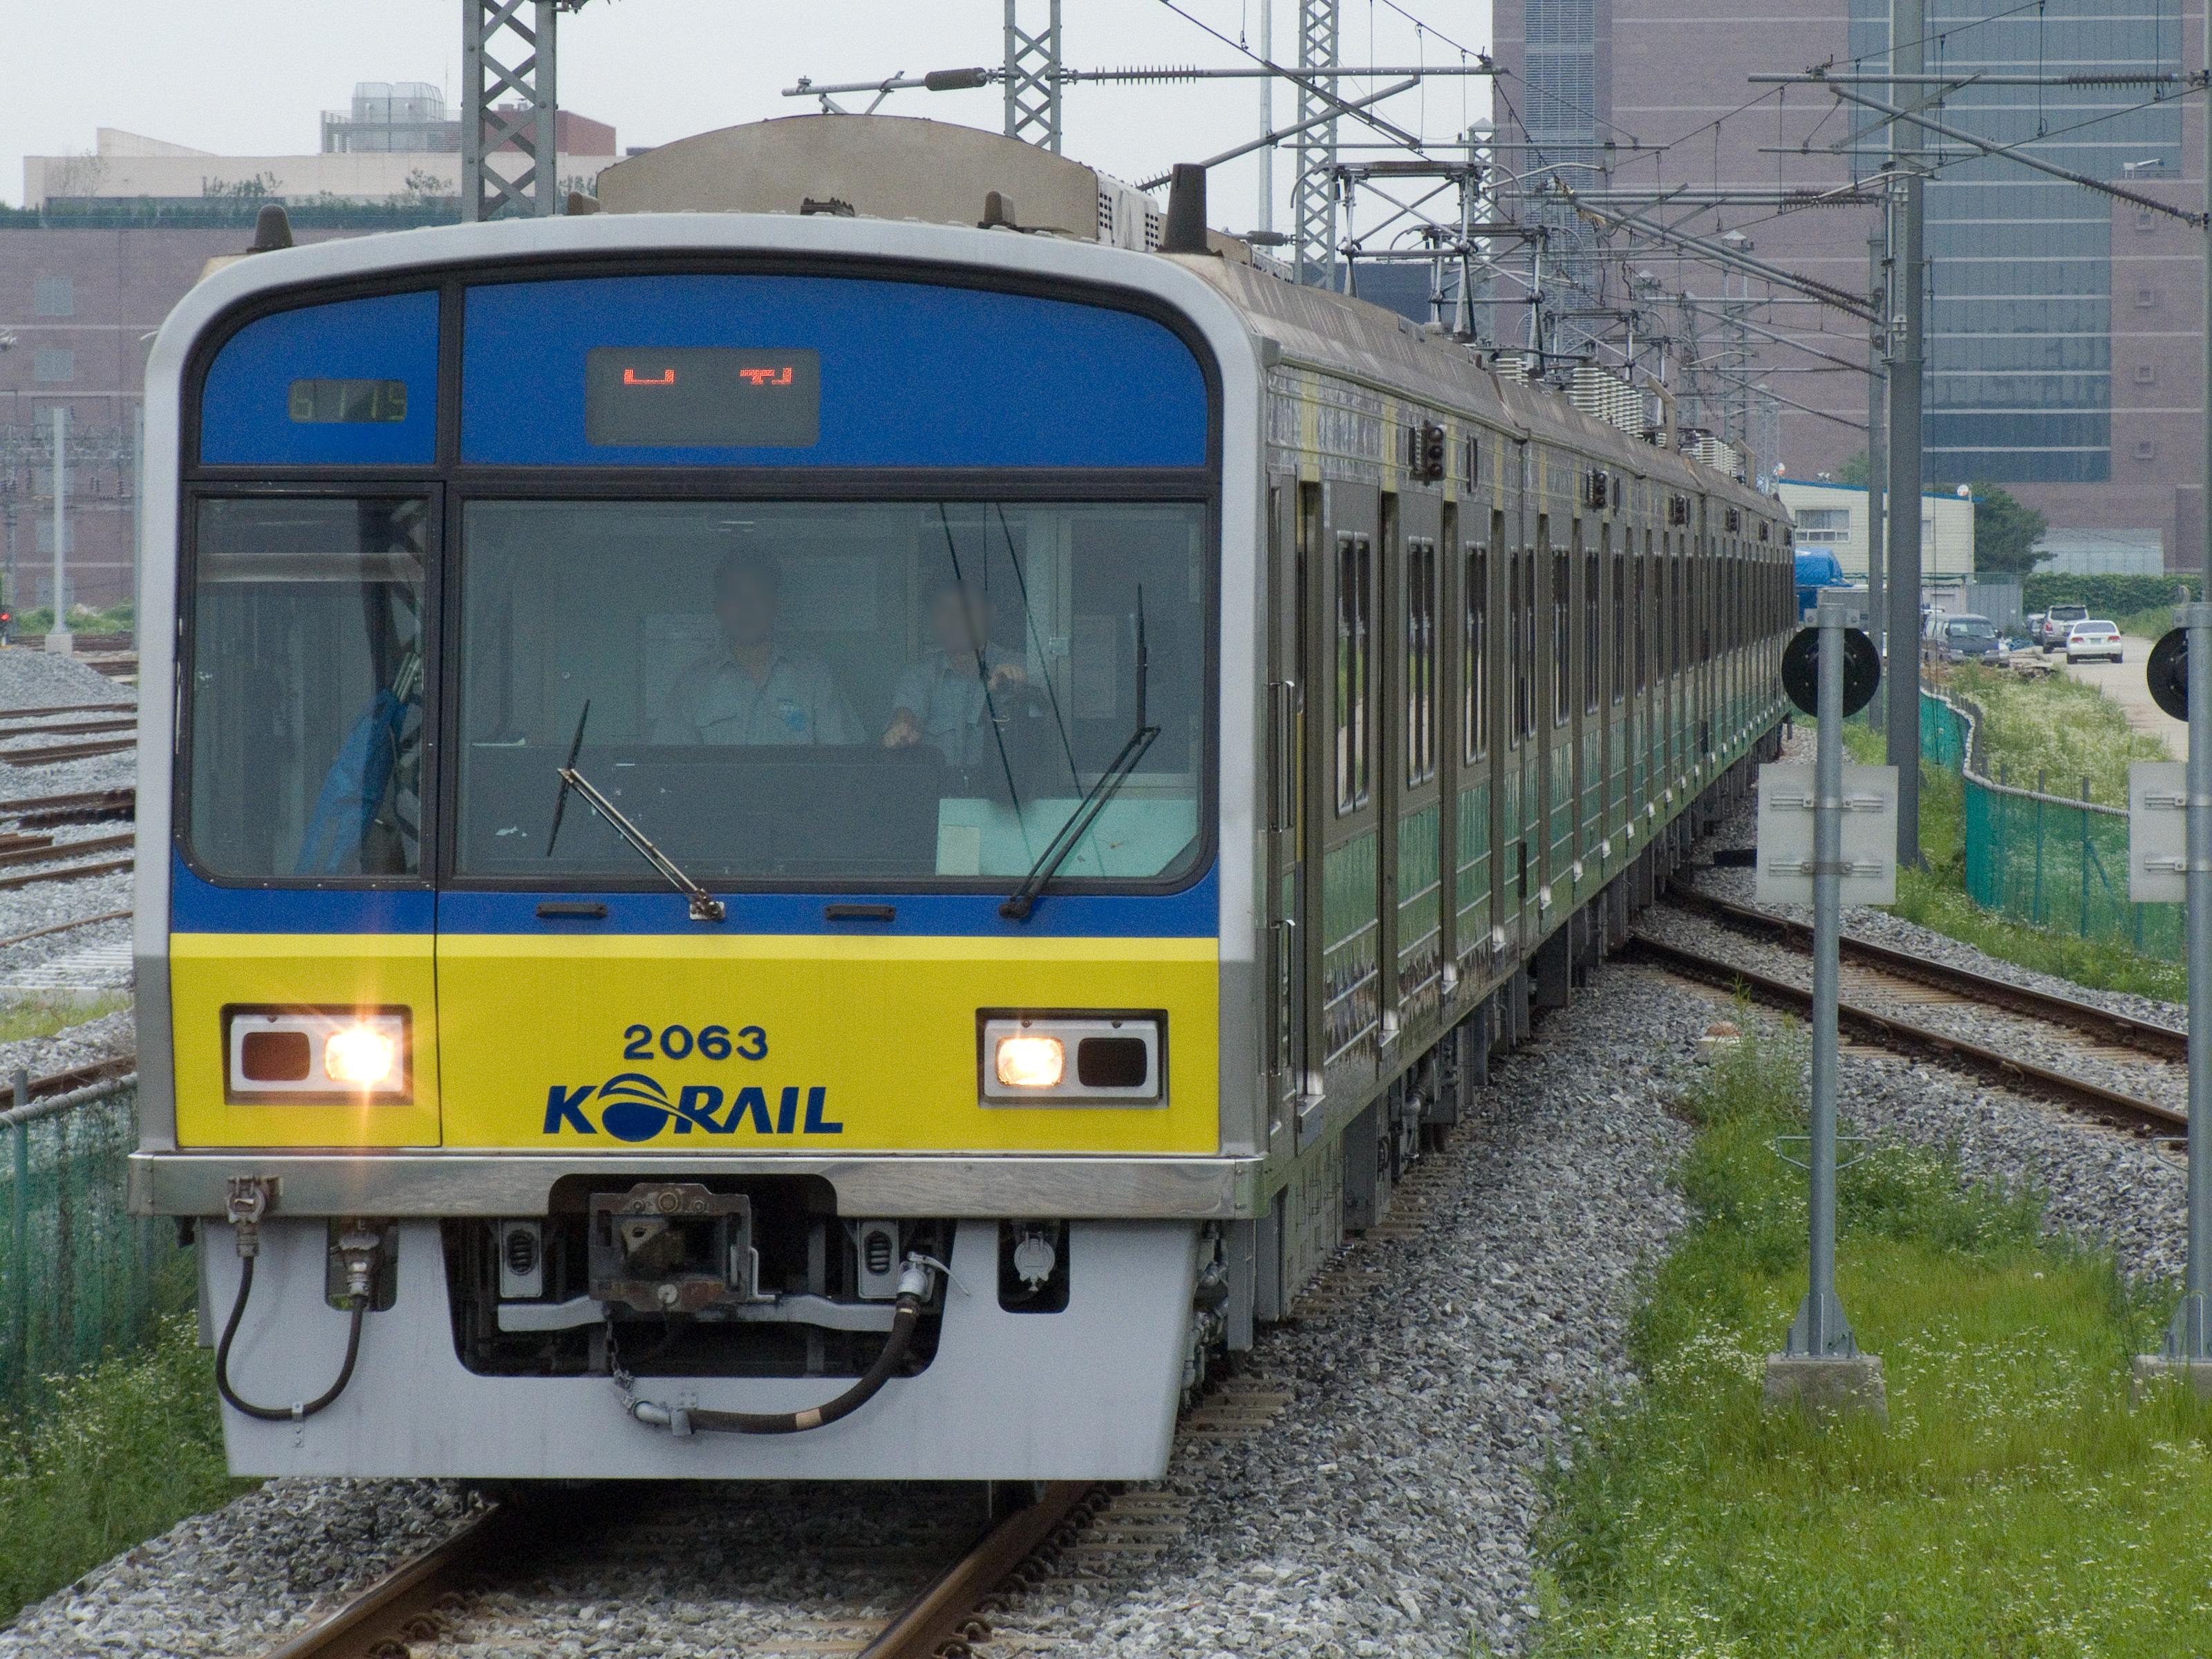 File:Korail-2063-20070721.jpg